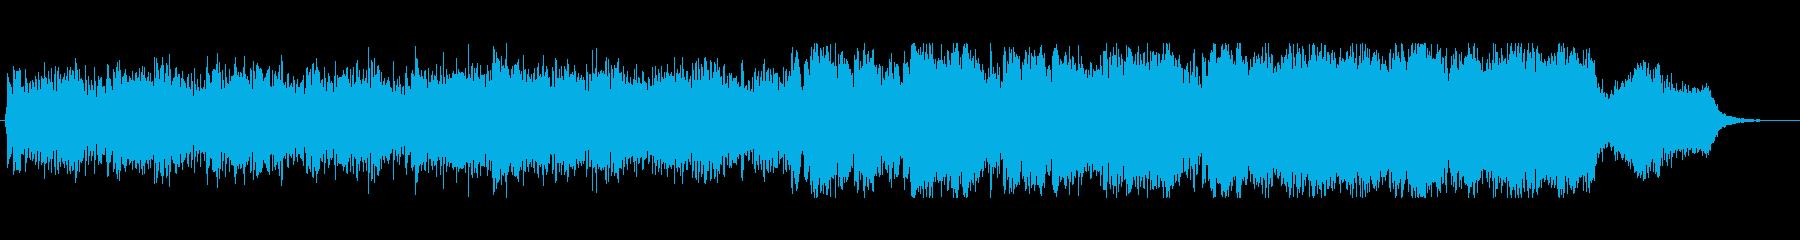 脈動、アルペジオ、活気に満ちた、ア...の再生済みの波形